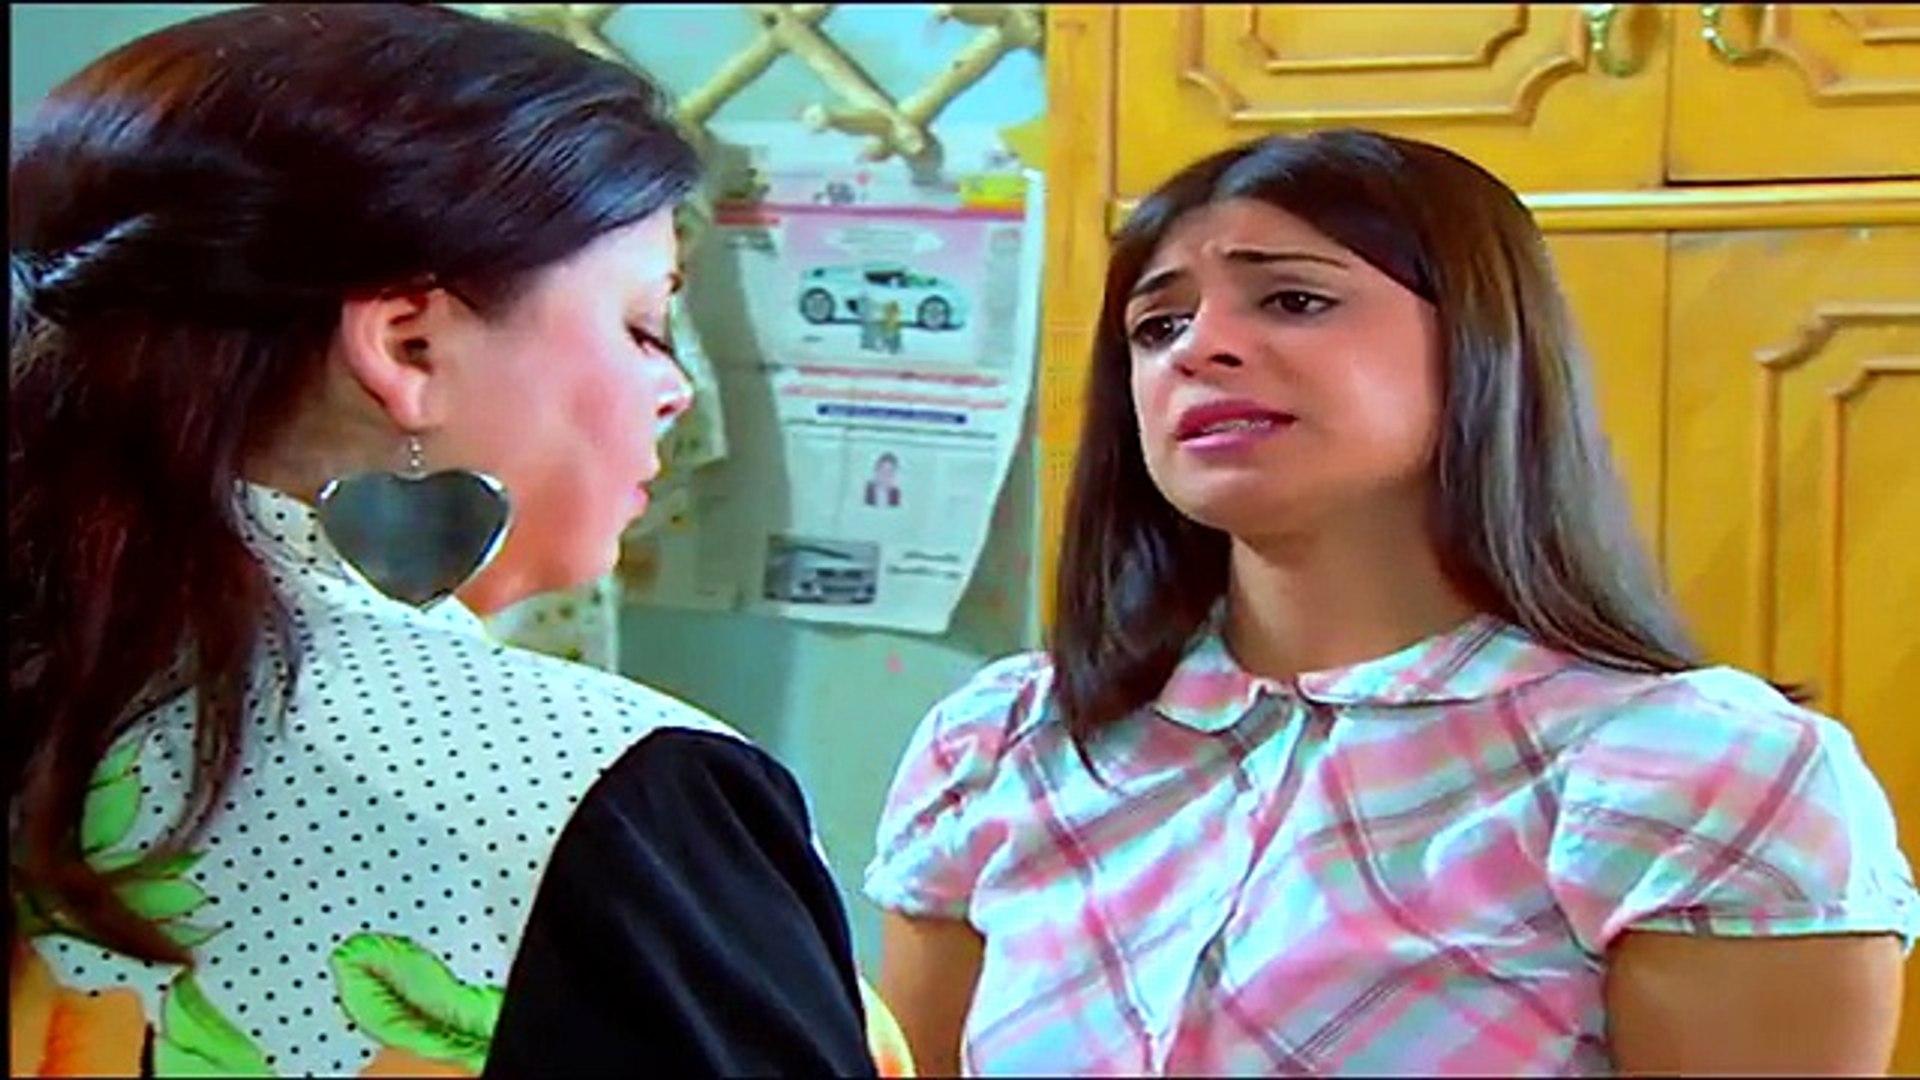 مسلسل كريمة كريمة الحلقة الثالثة والعشرون Karima Karima Episode 23